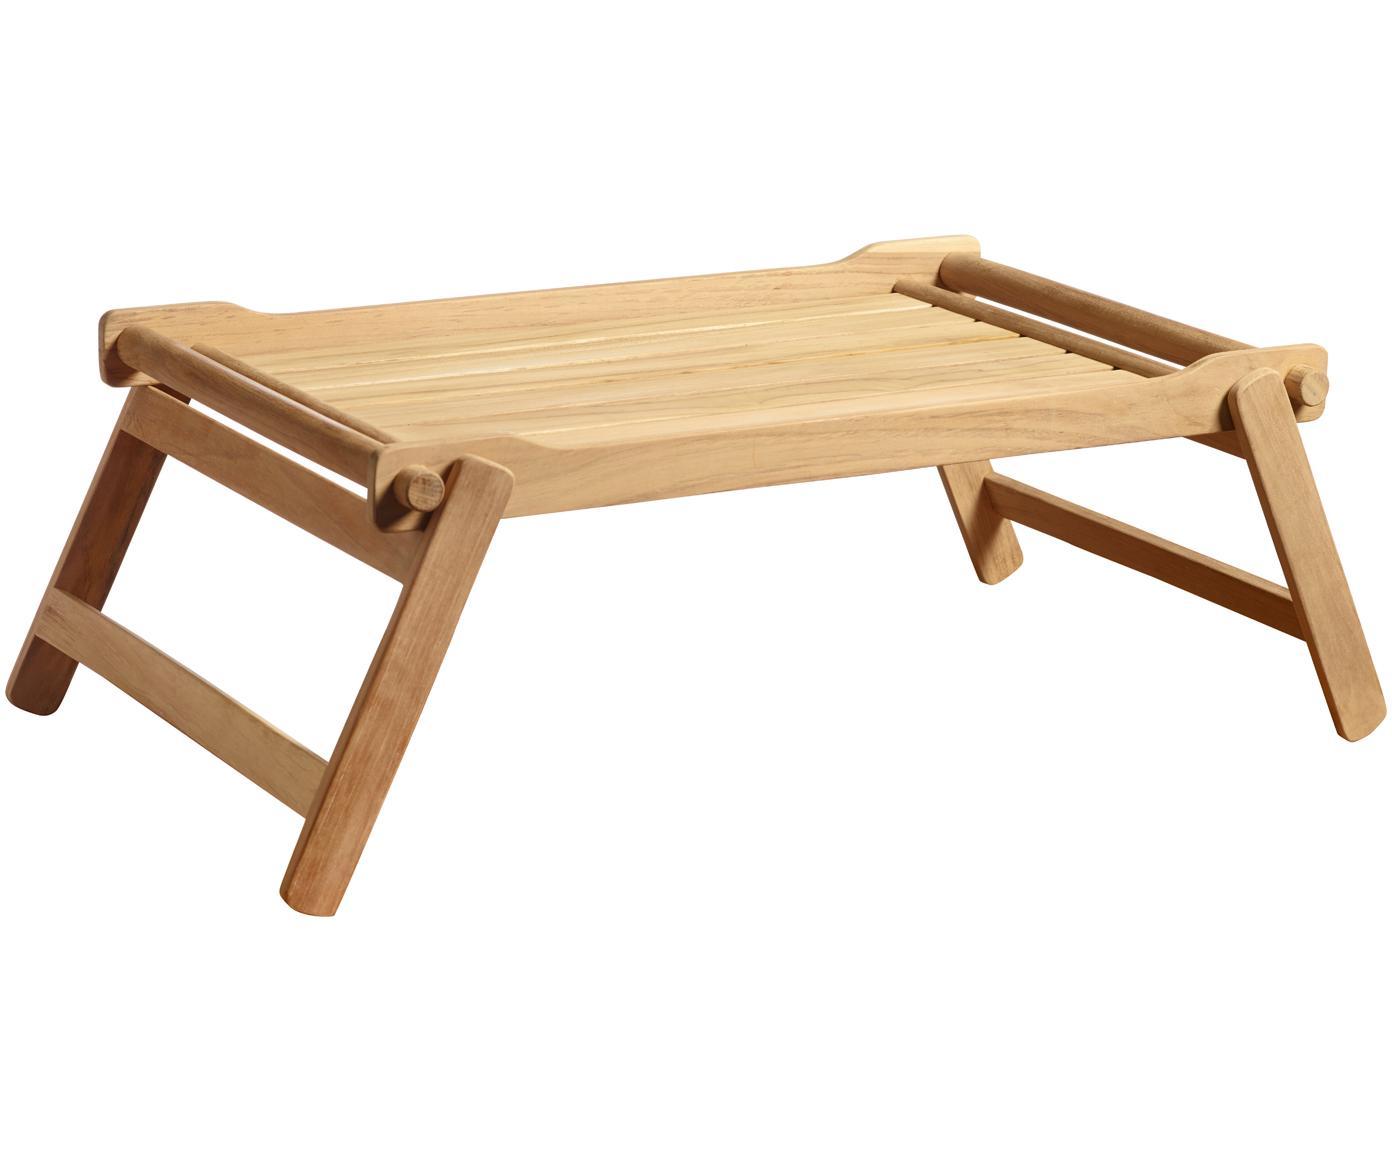 Klappbares Holz-Serviertablett Bed, Teakholz, geschliffen, Teak, B 58 x T 36 cm